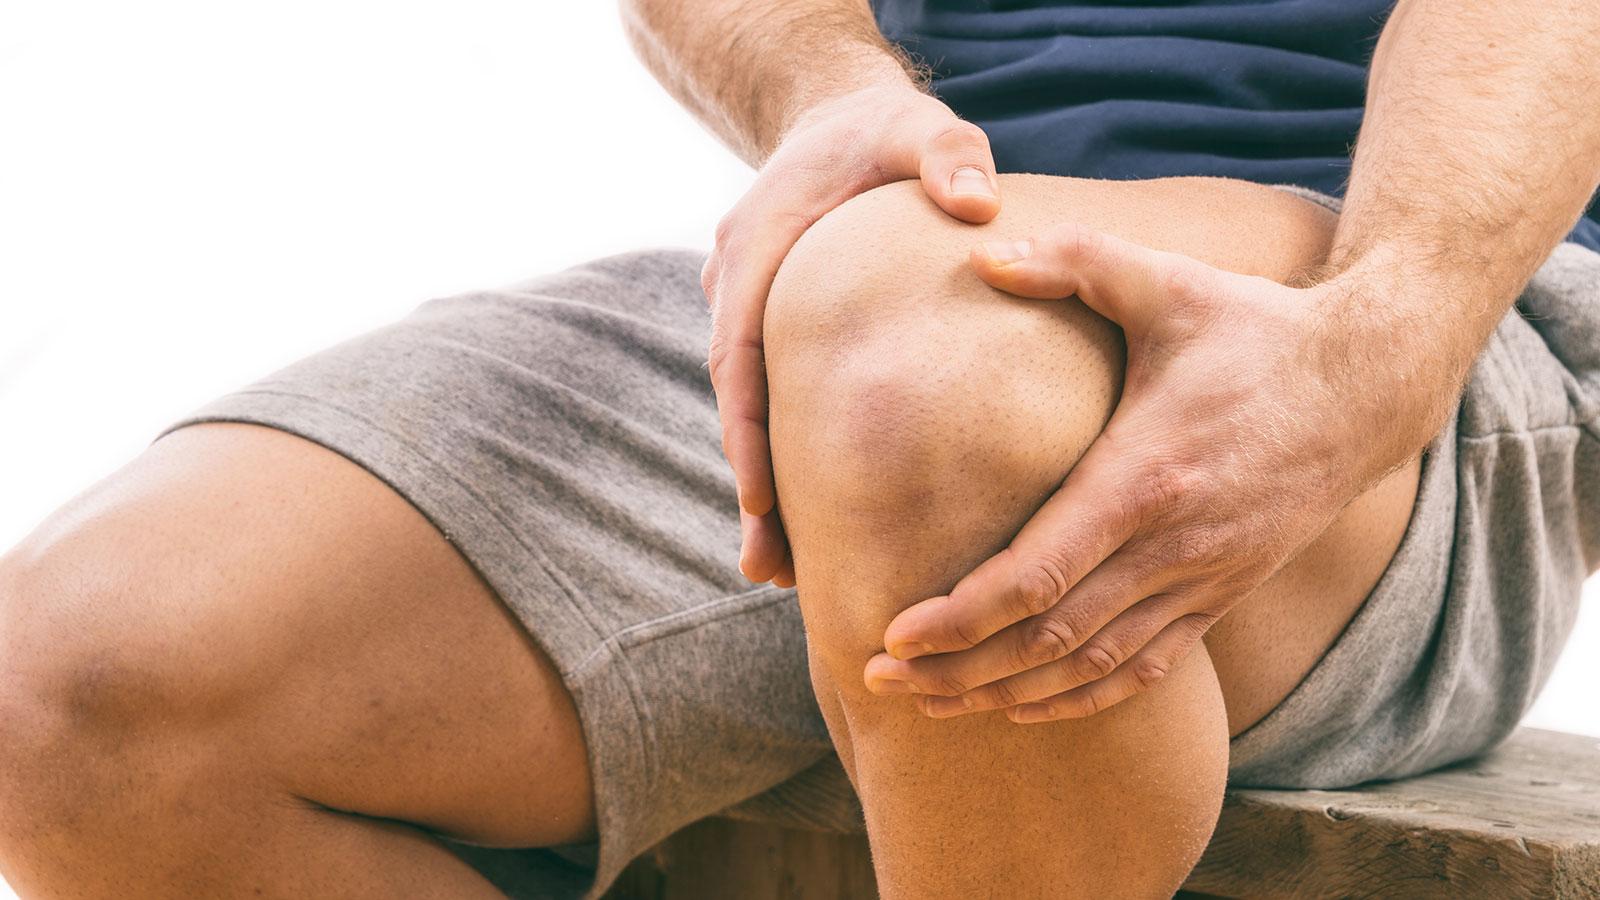 La artritis reumatoide aumenta el riesgo de ataque al corazón